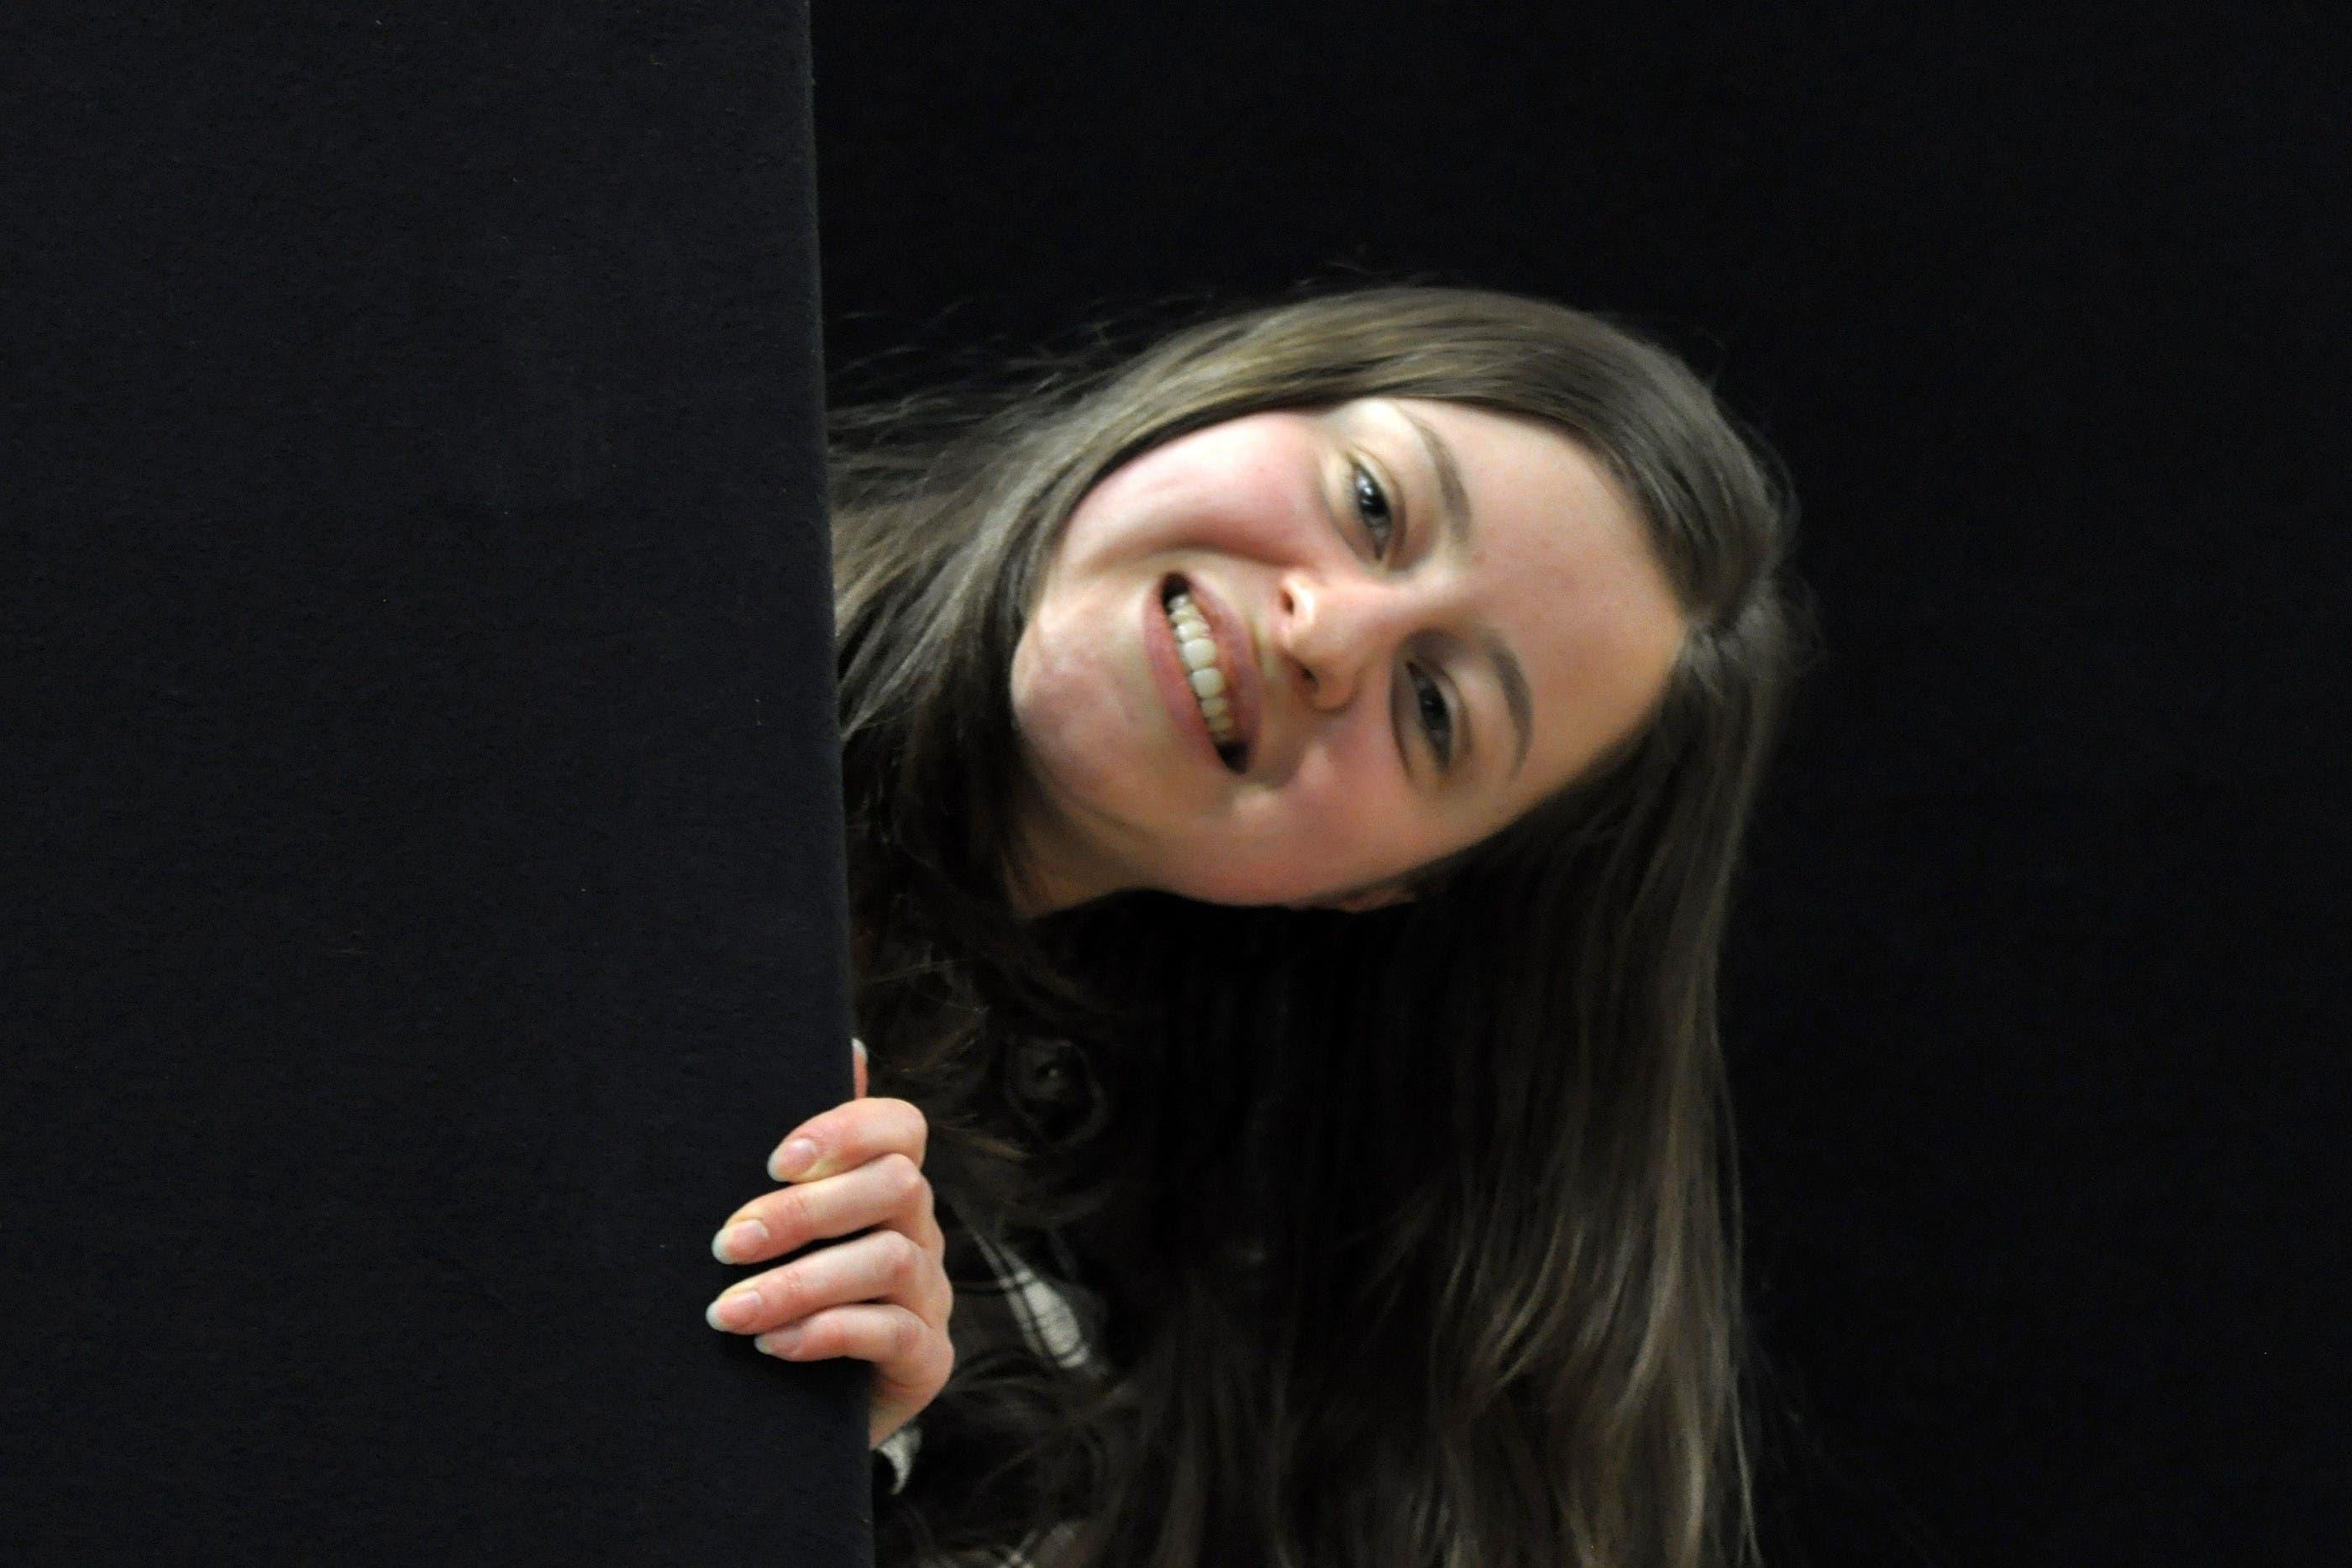 Carol Käli (18) spielt den Erdgeist, den Dichter und die Hexe «Theaterspielen macht mir im Allgemeinen sehr Spass. Am Faust reizt mich vor allem das Übernatürliche, das Absurde, das mit der irdischen Welt zusammenspielt. Diese Übernatürliche gut umzusetzen ist unsere grösster Herausforderung.»